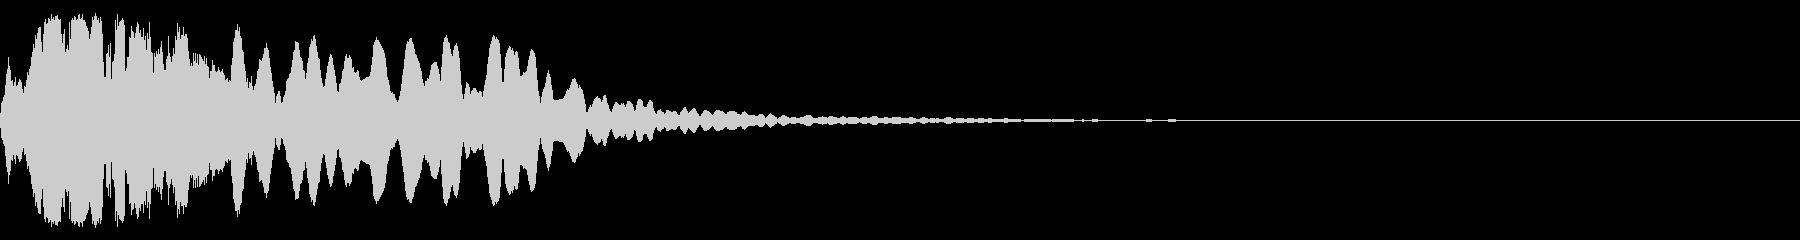 和楽器 尺八 ジングル 効果音の未再生の波形